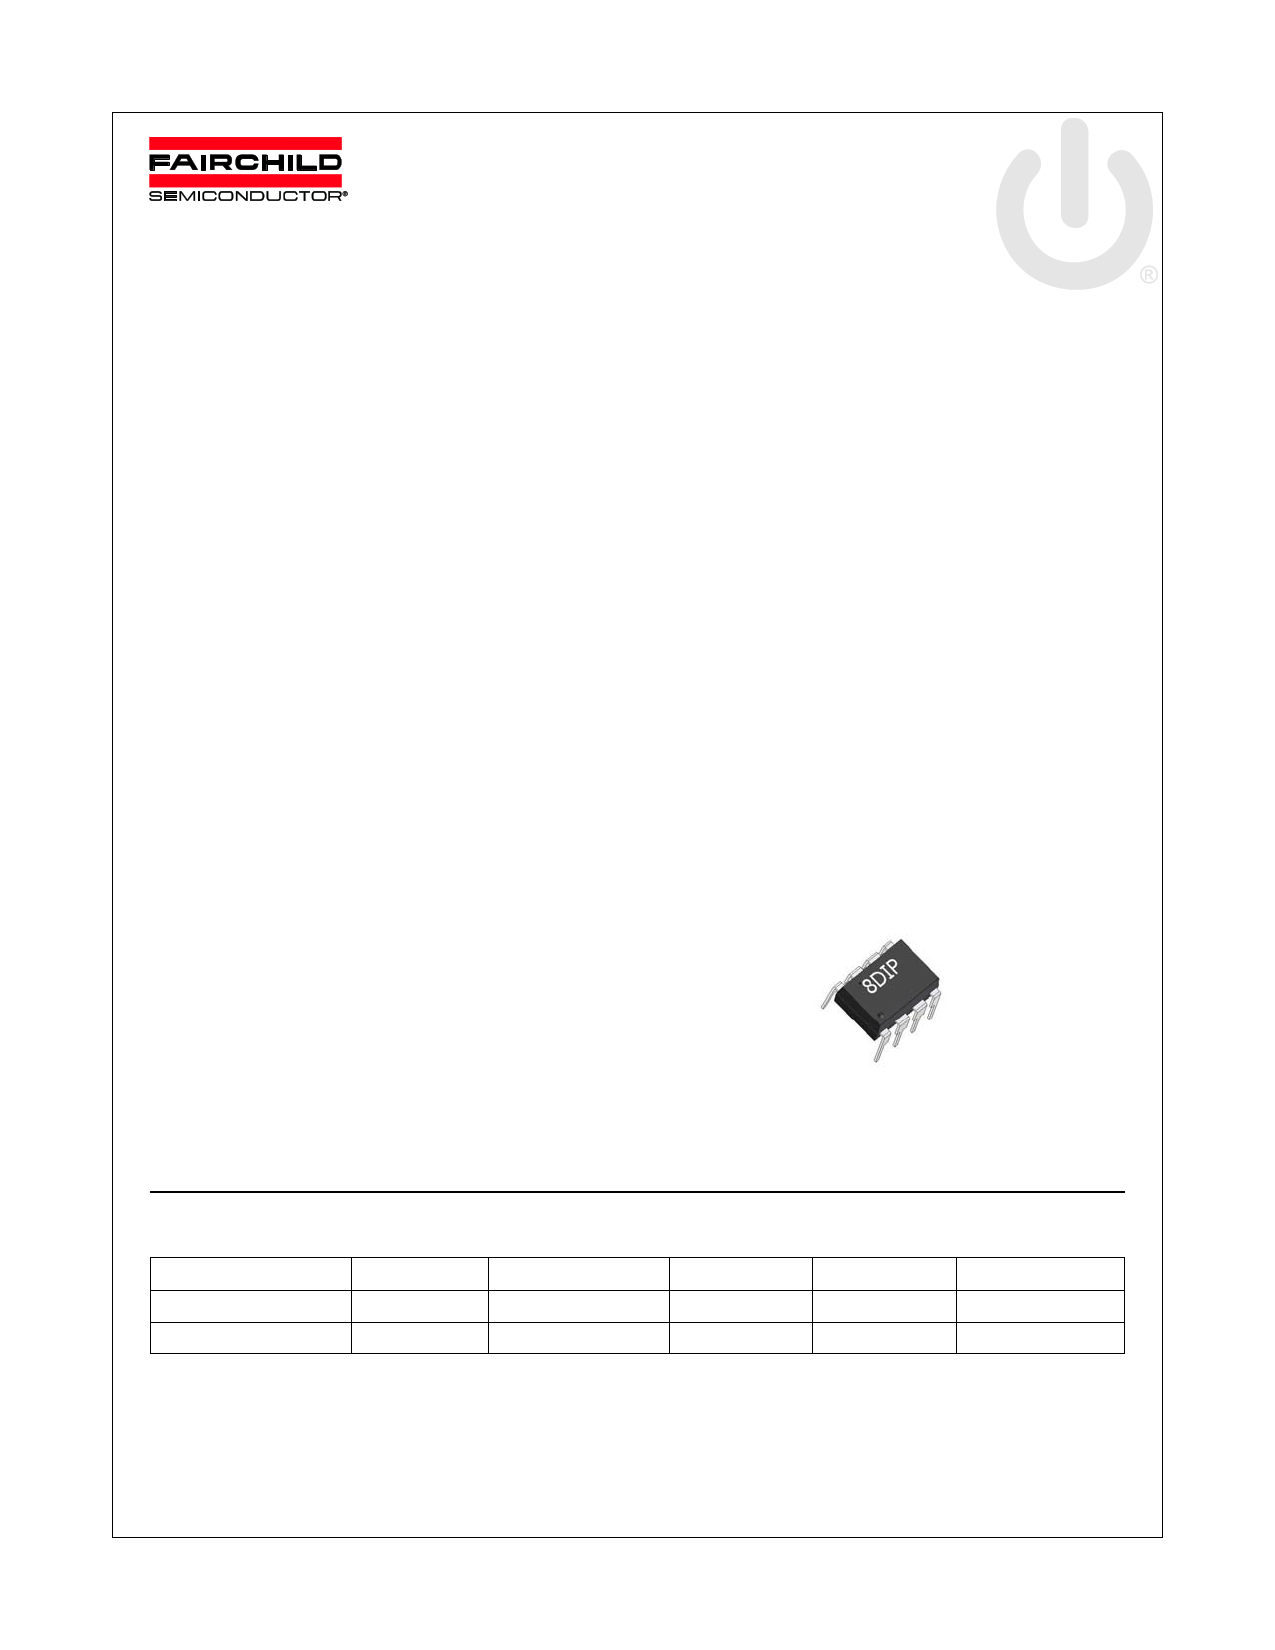 Q0270RA Hoja de datos, Descripción, Manual